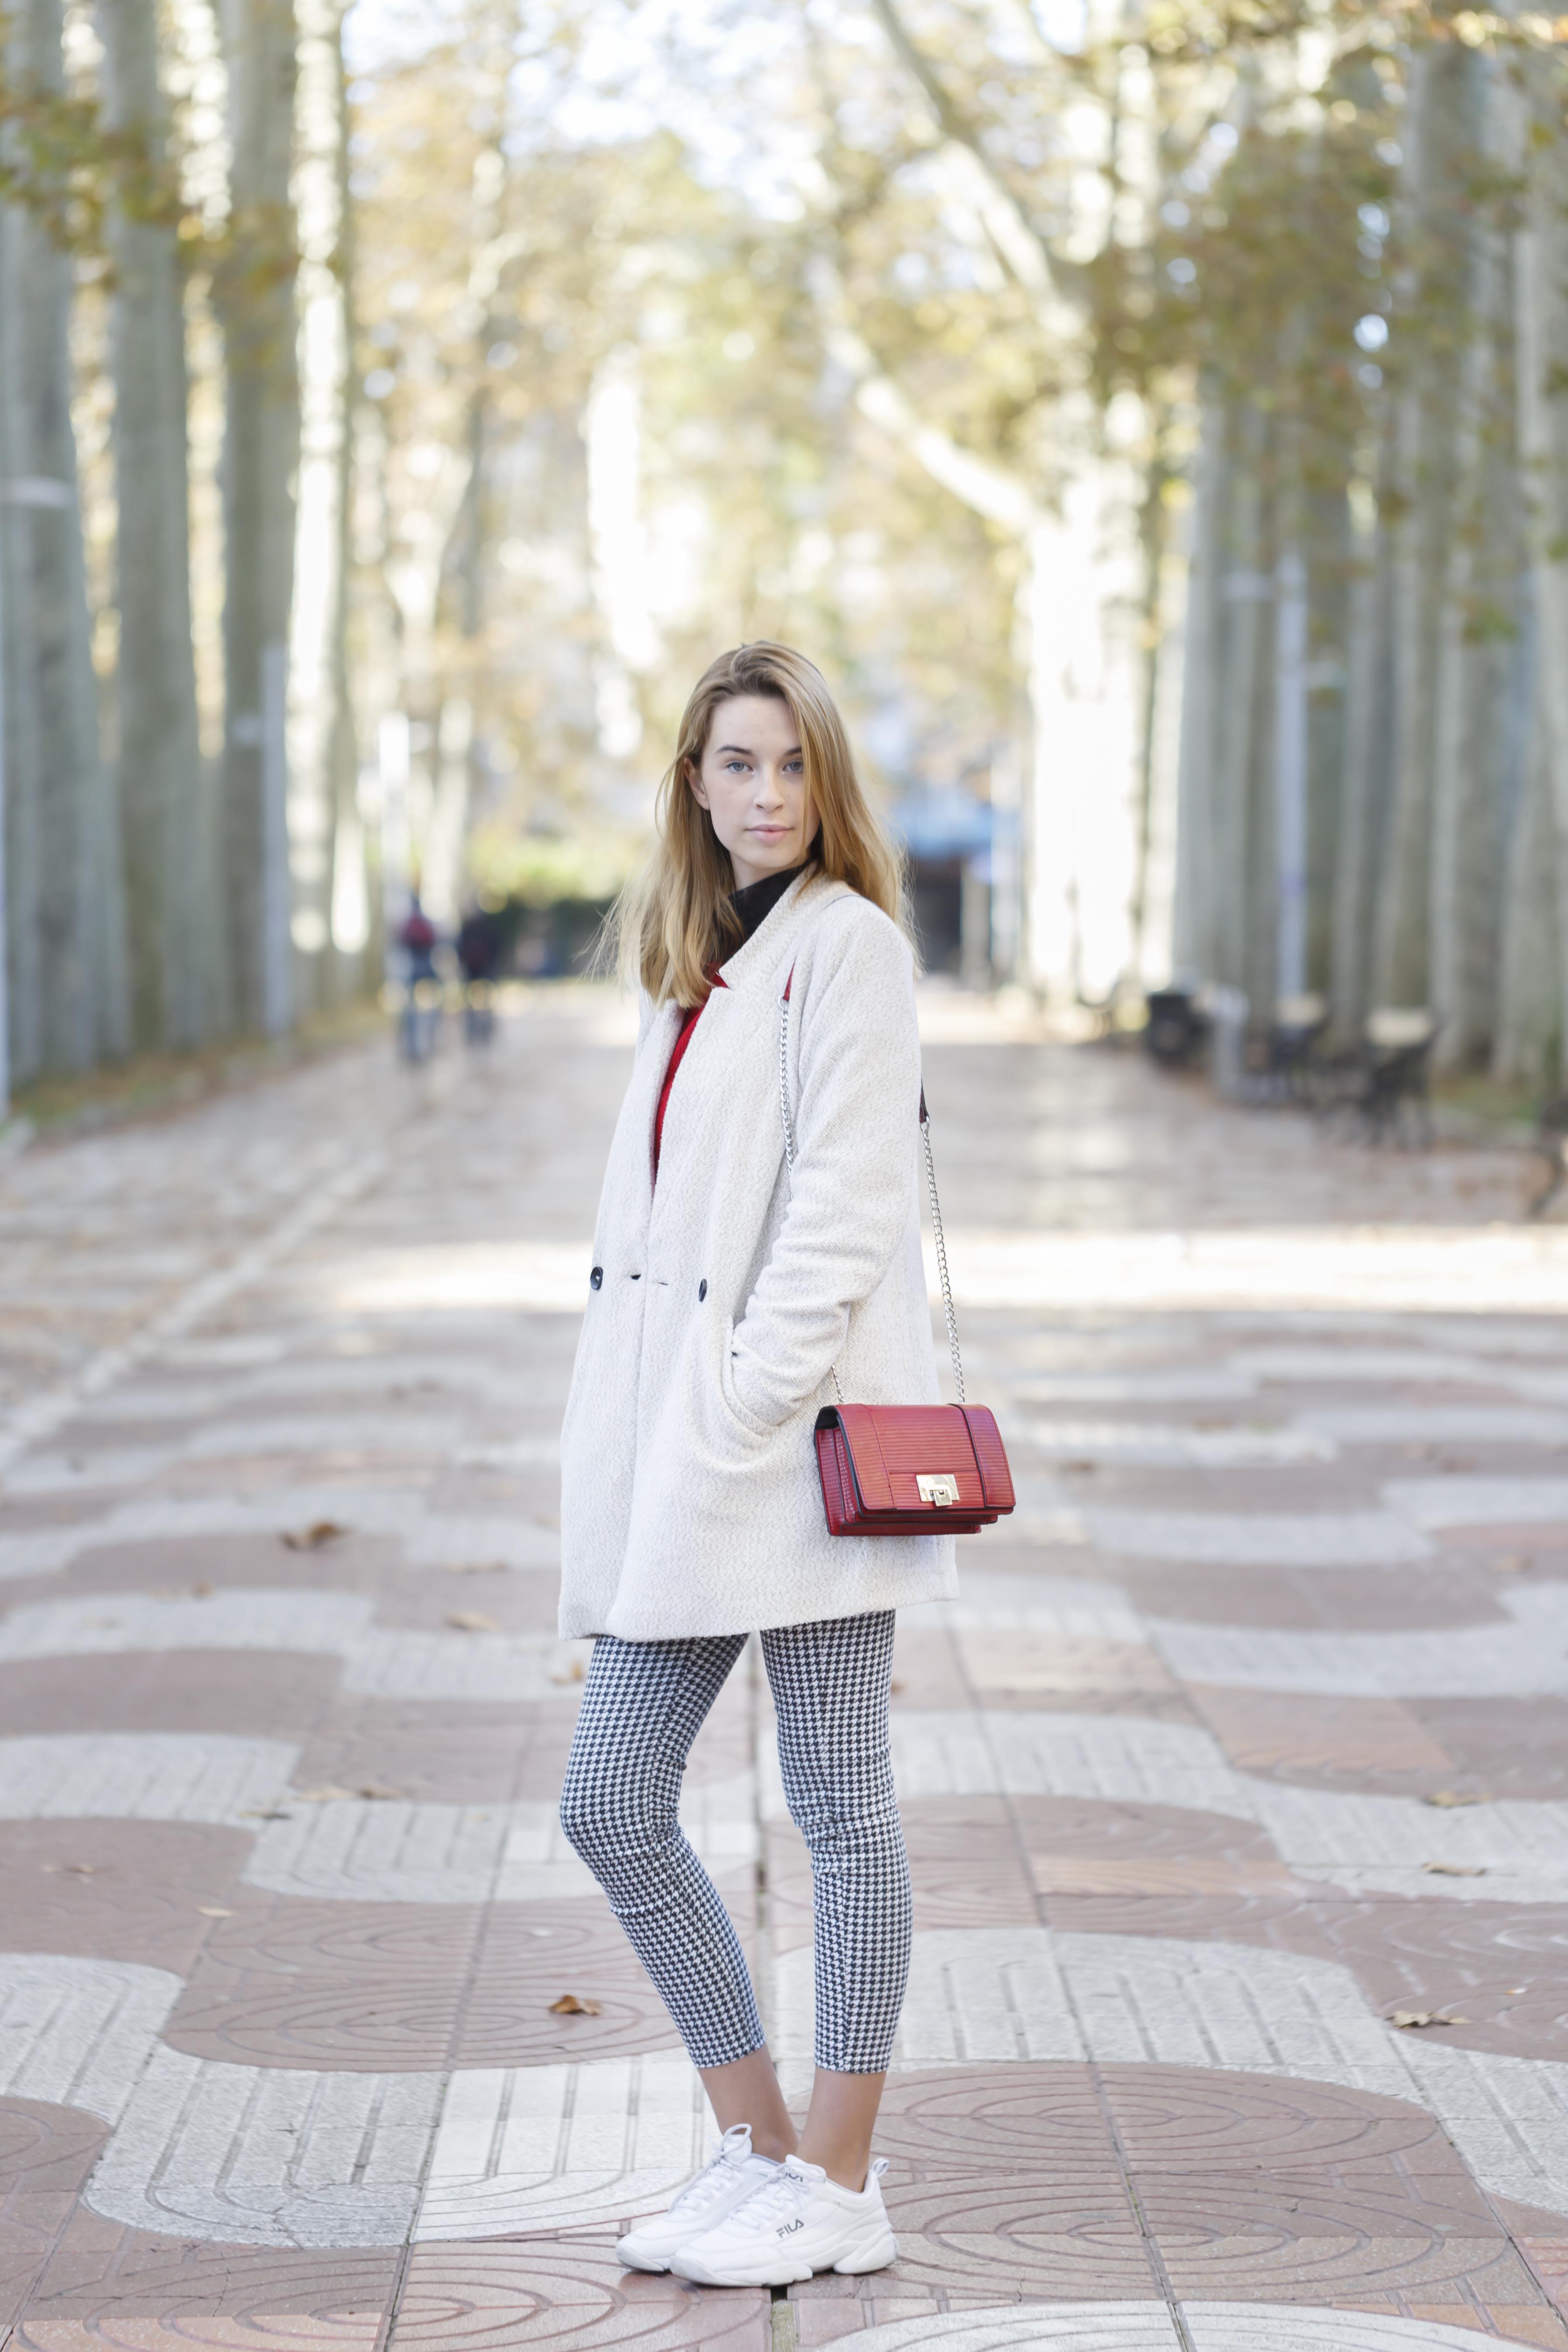 Reportaje de moda urbana en Vitoria-Gasteiz